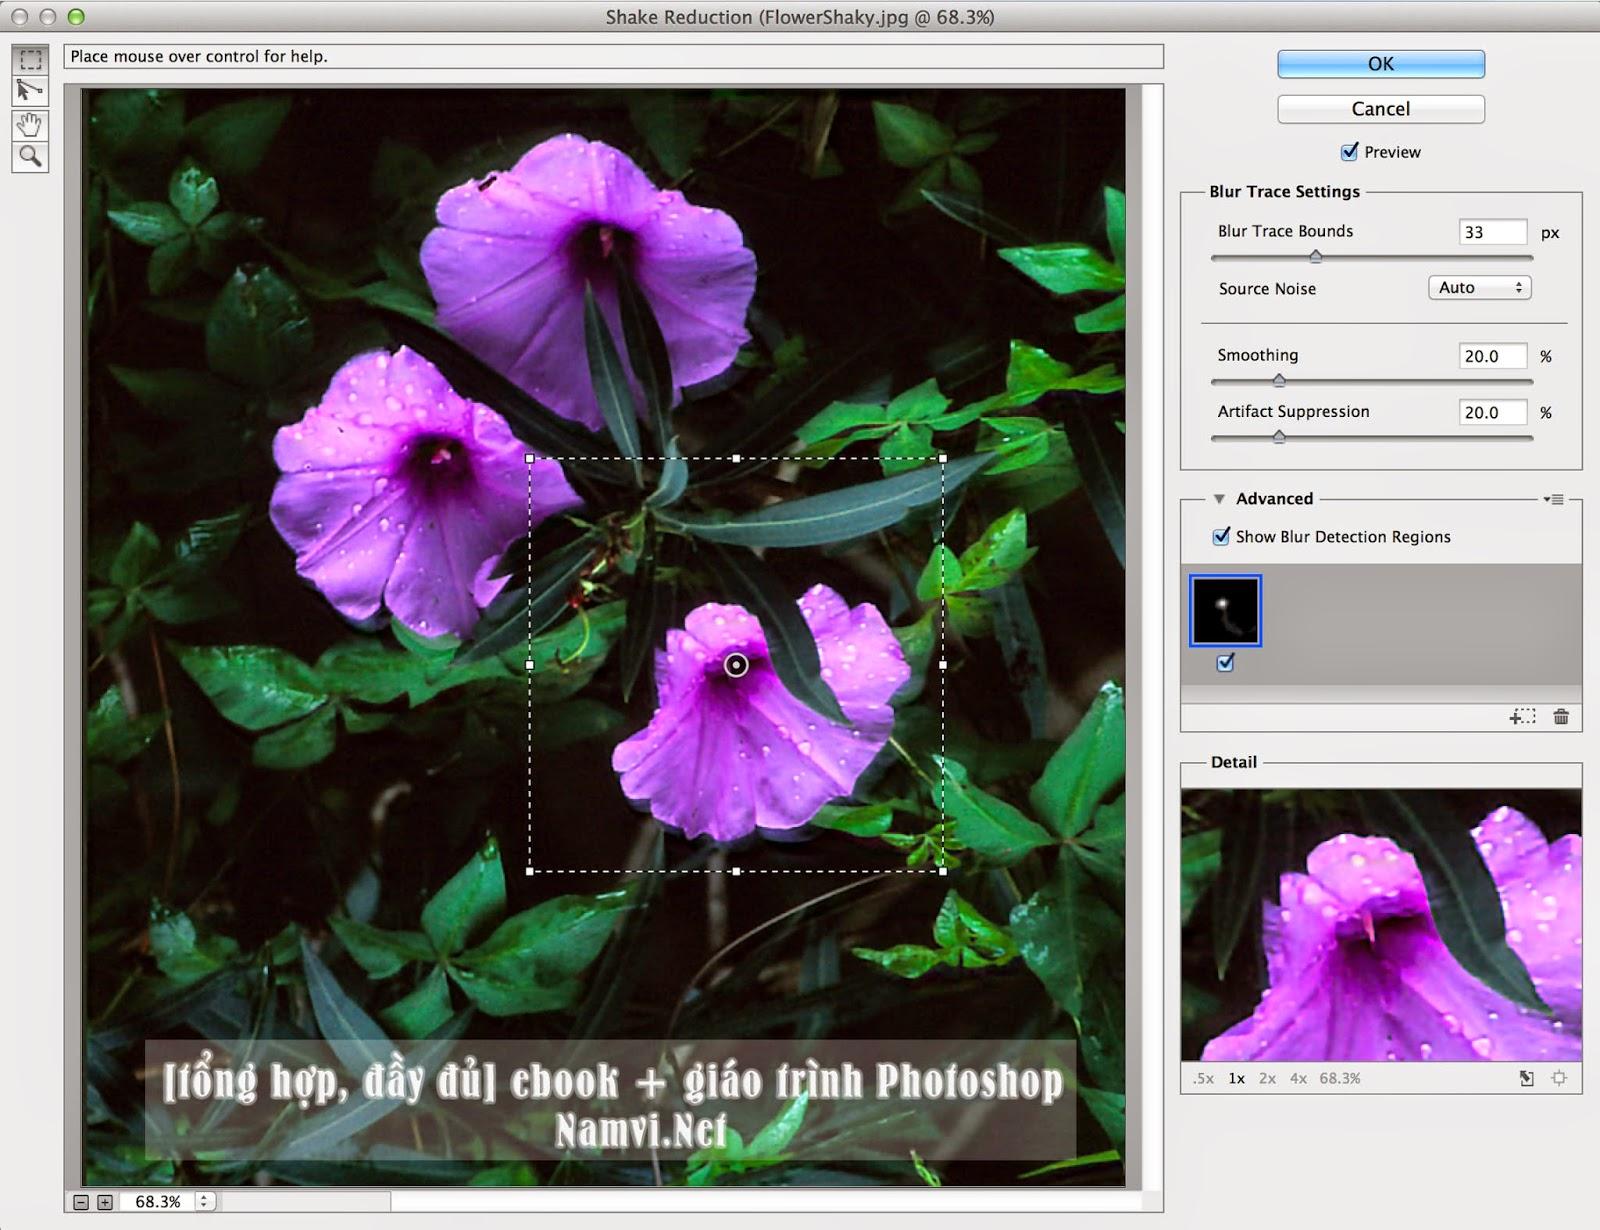 giáo trình và ebook photoshop